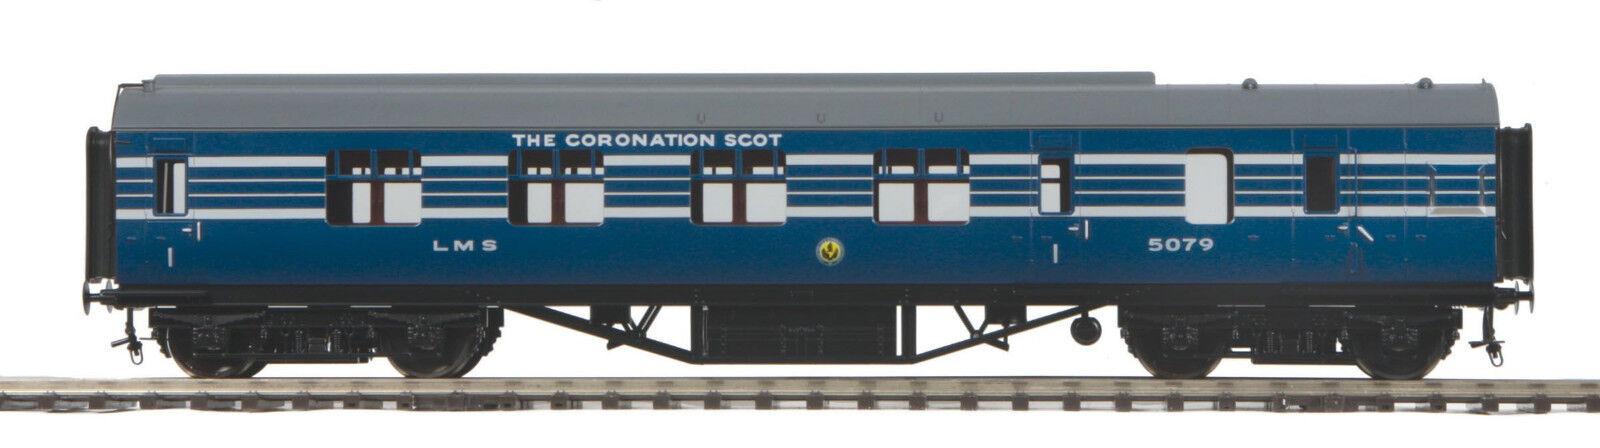 MTH Cgoldnation Scot Passenger Car for NEM Fine Scale 22-60058